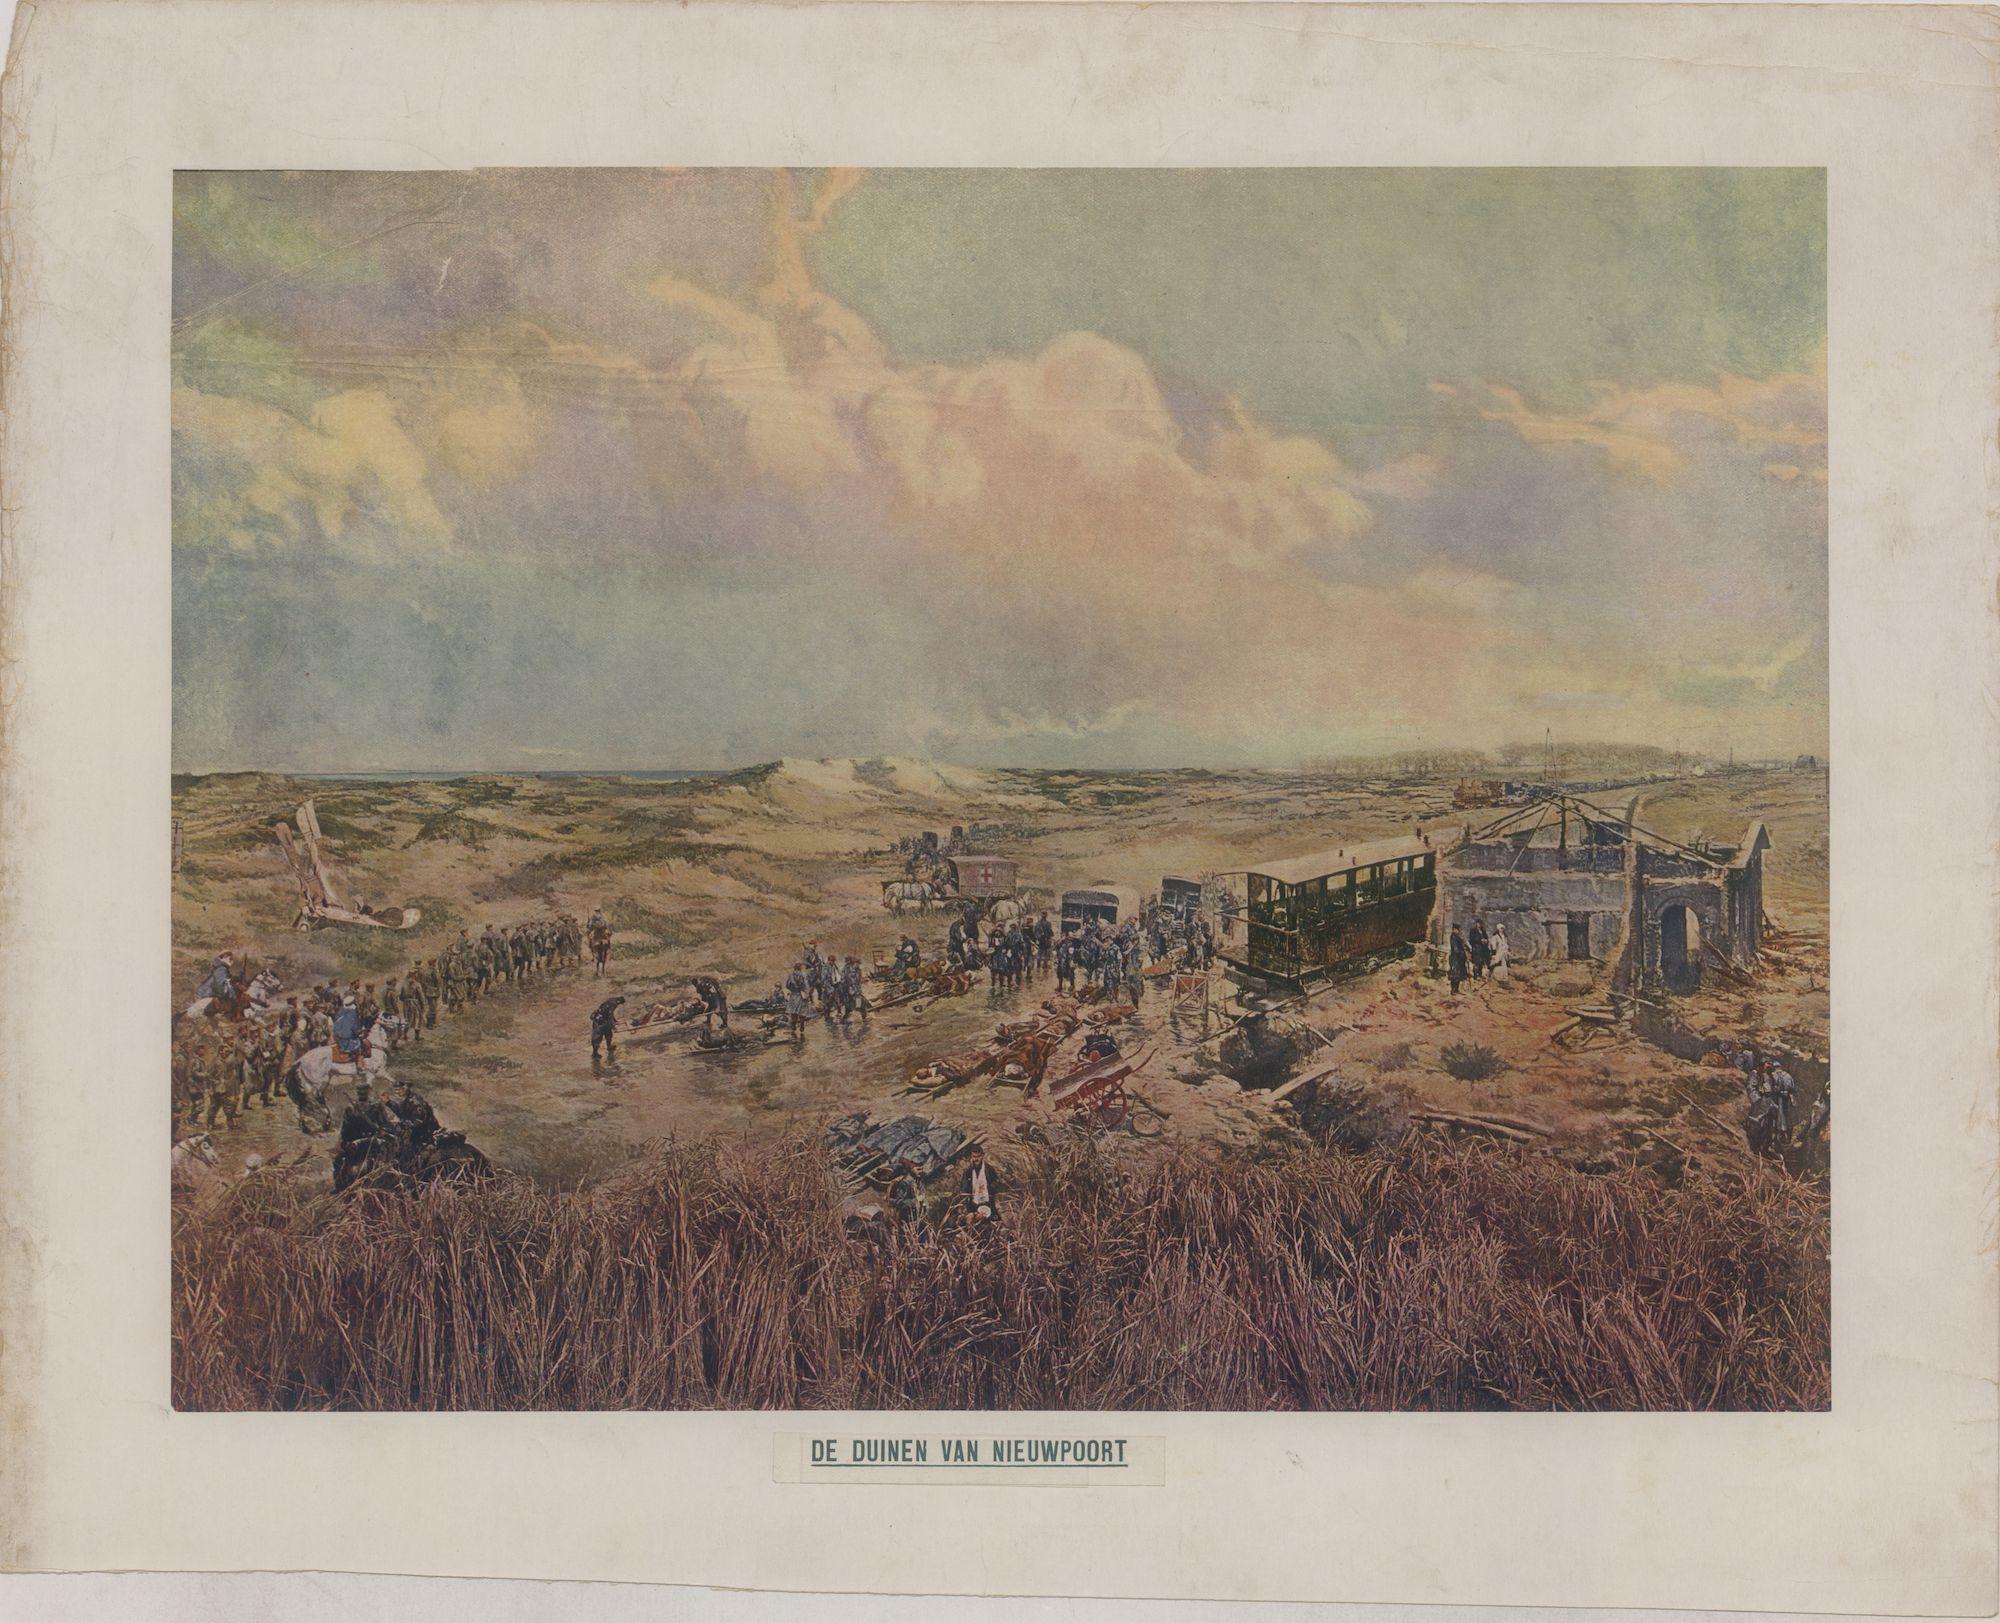 Westflandrica - Nieuwpoort, de duinen tijdens Wereldoorlog I